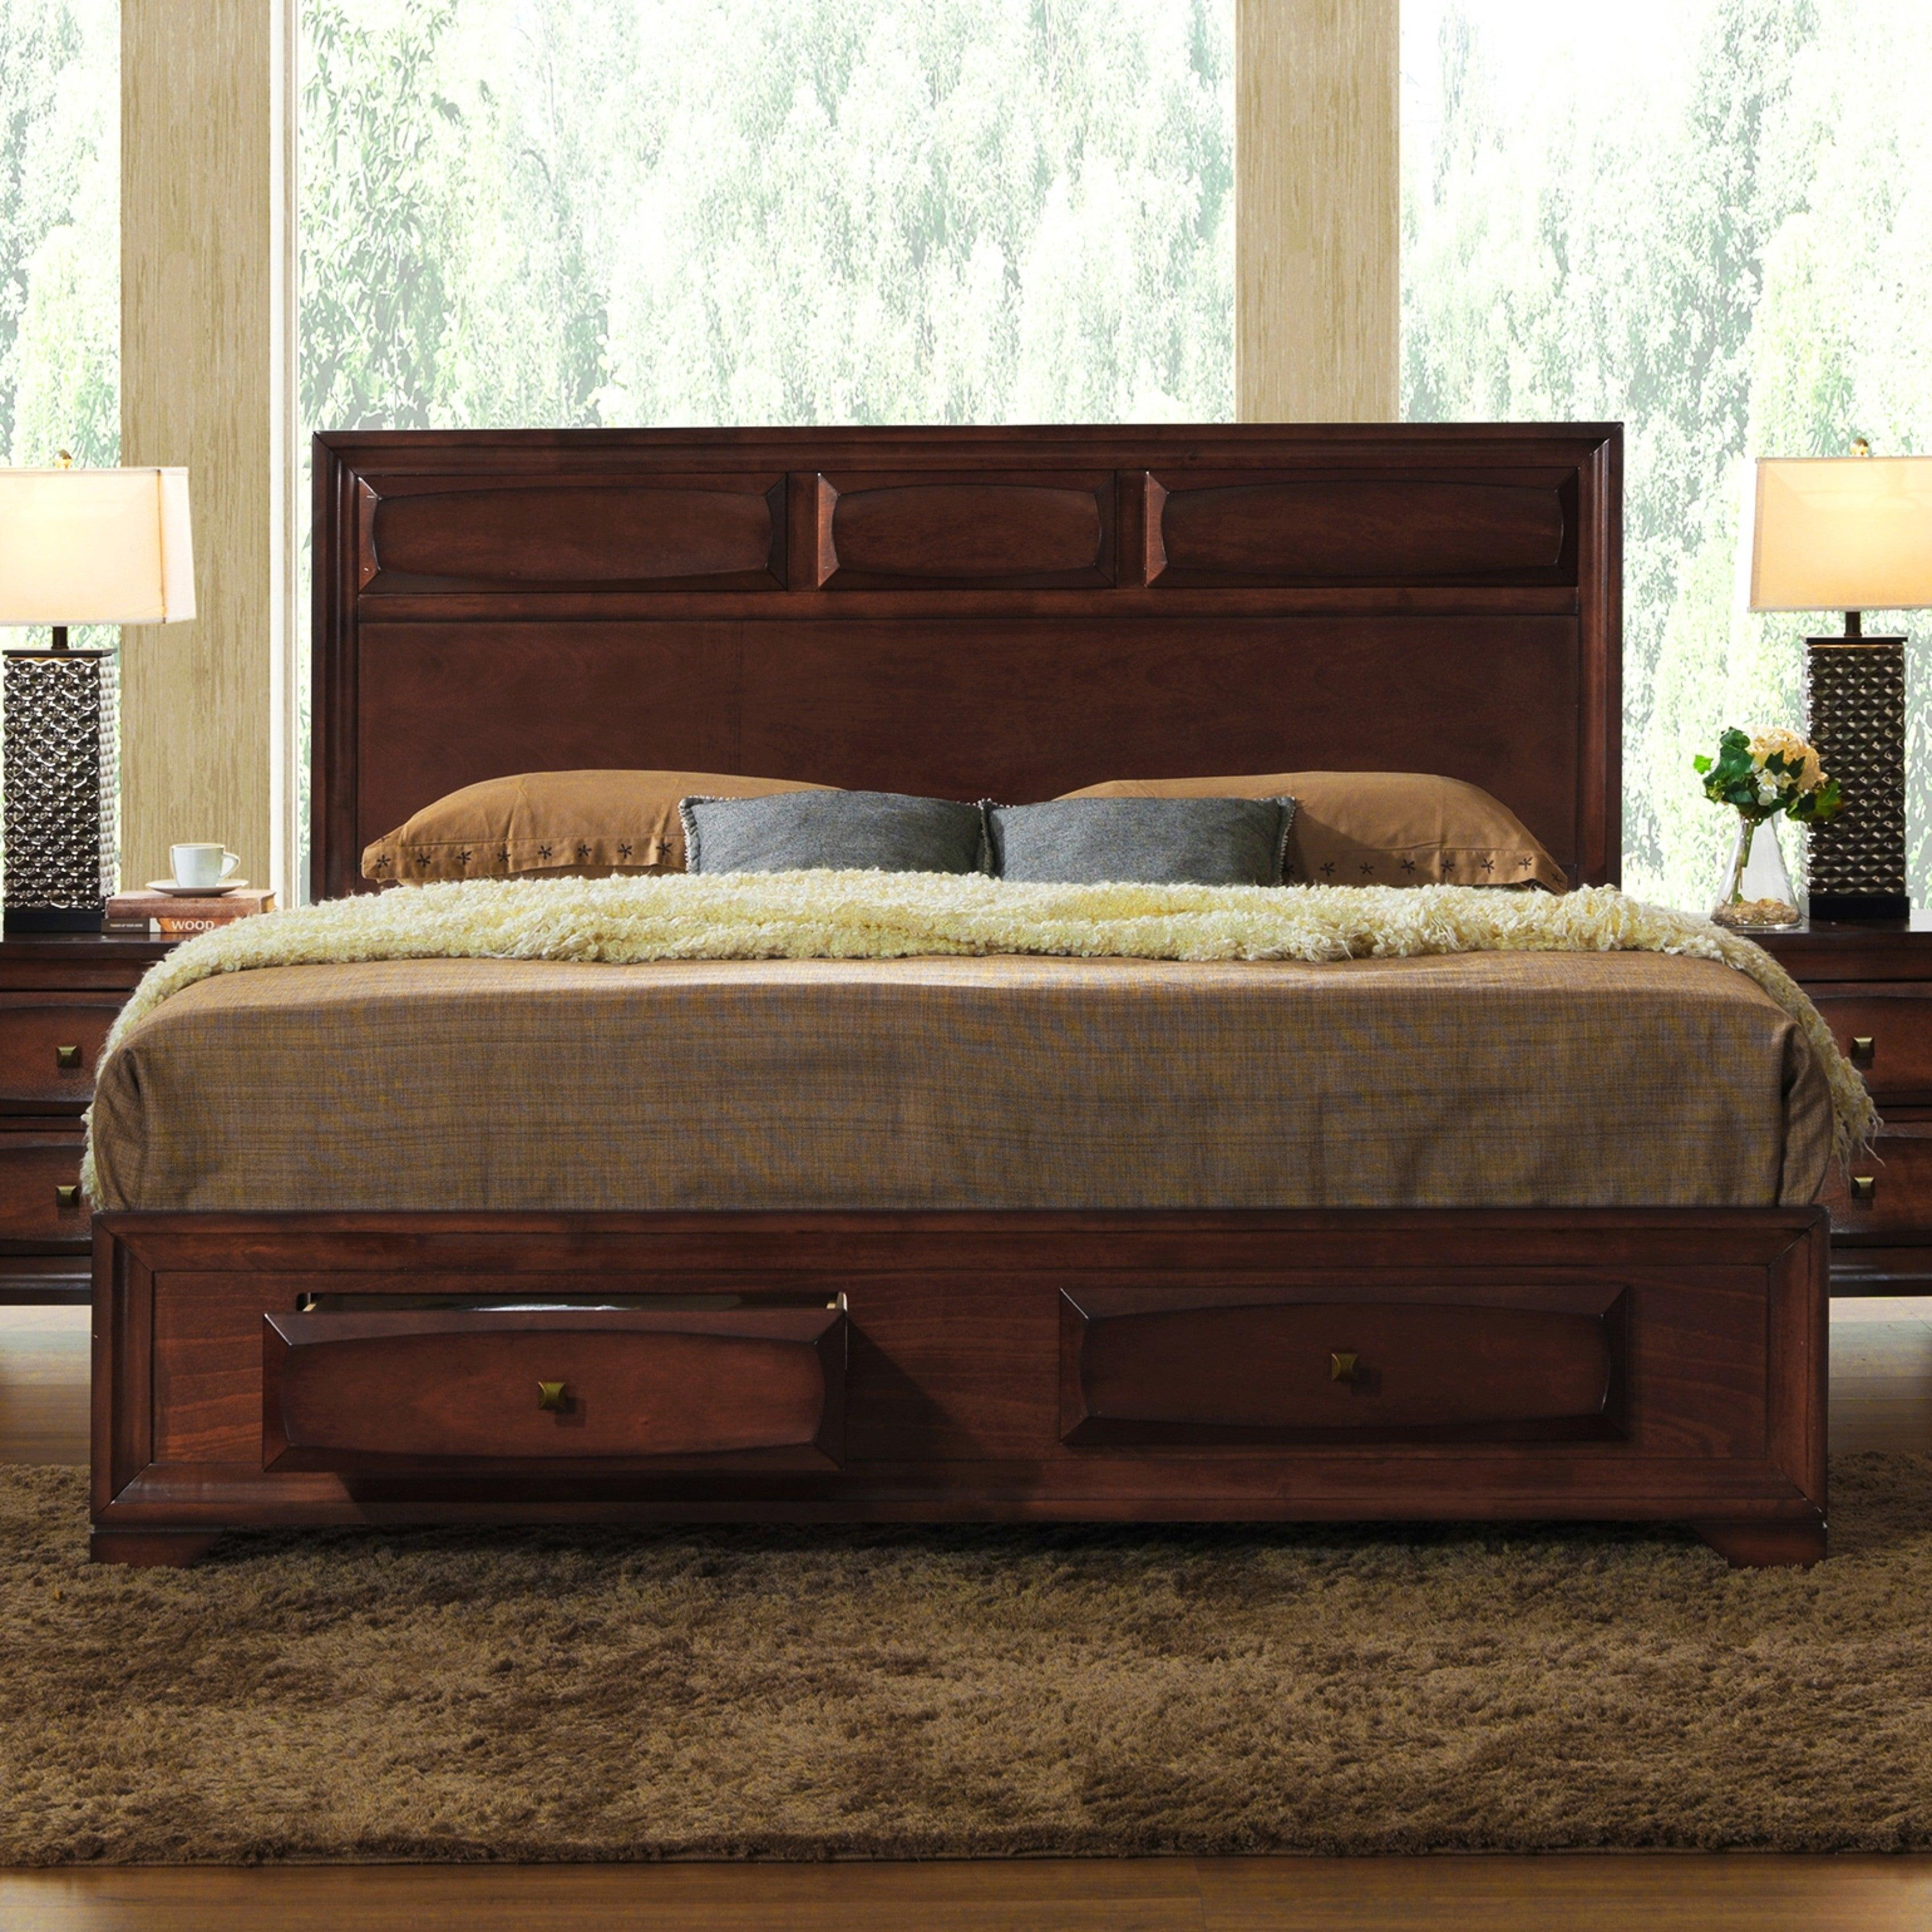 Shop Black Friday Deals On Oakland 139 Antique Oak King Size Storage Platform Bed Overstock 12546127